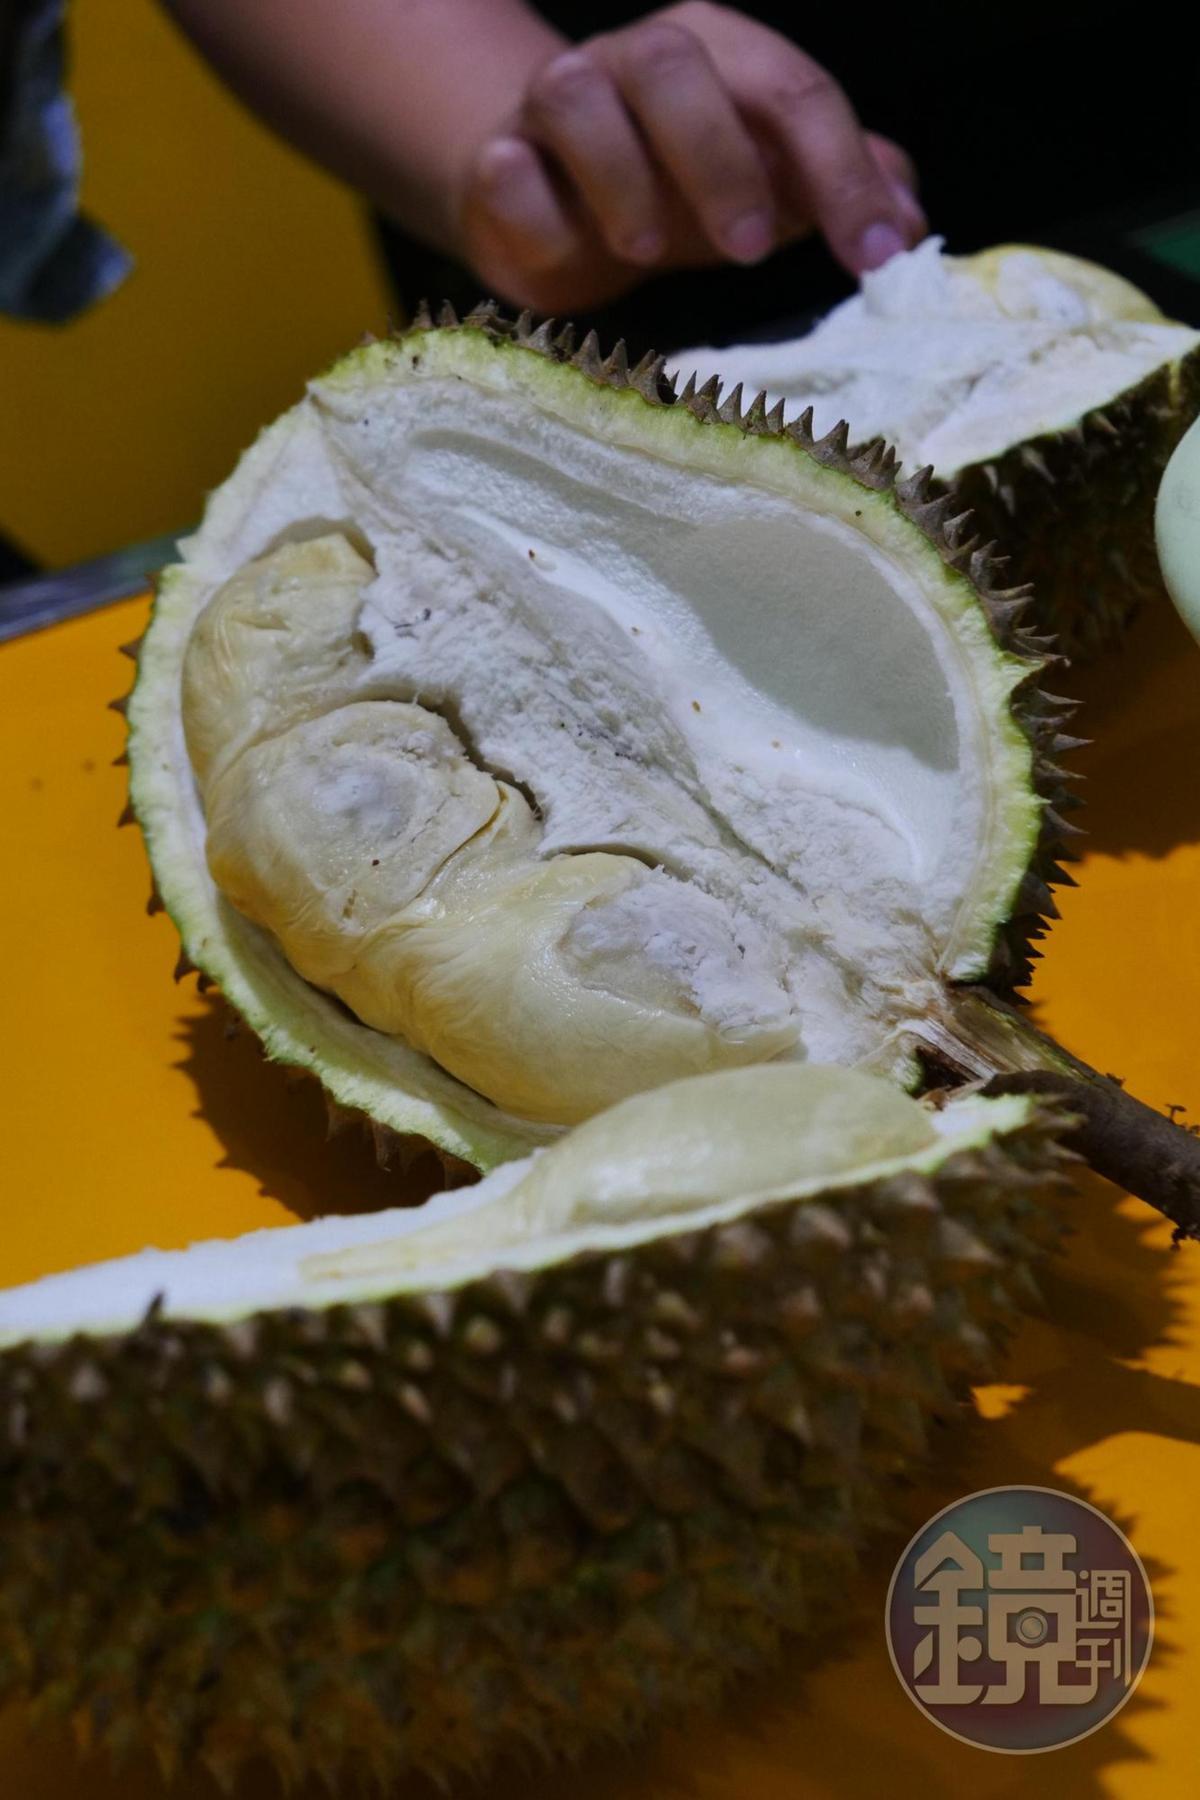 榴槤果肉綿密,香氣十足。(印尼盾50,000元/顆,約NT$110)